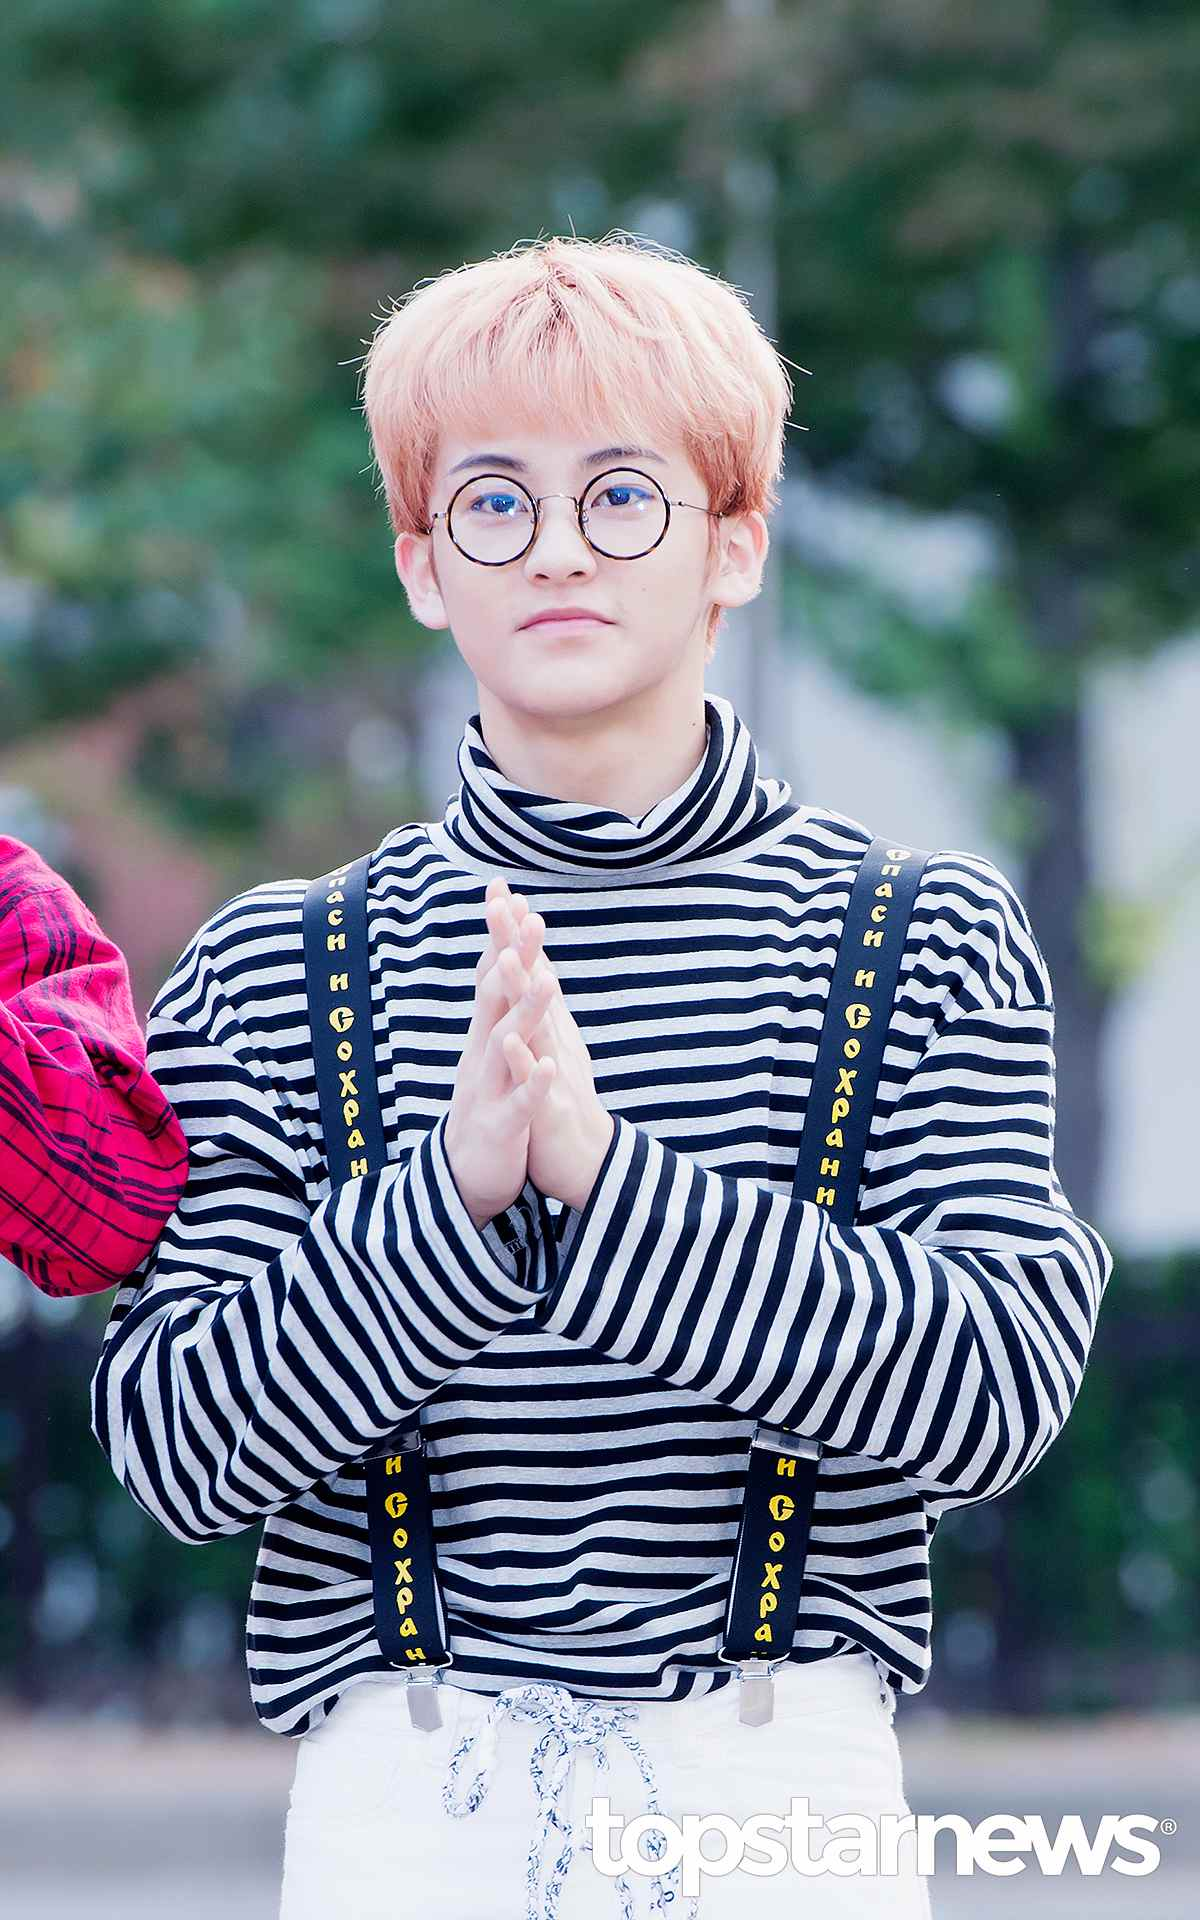 他就是SM今年推出的新男團NCT的成員Mark啦!